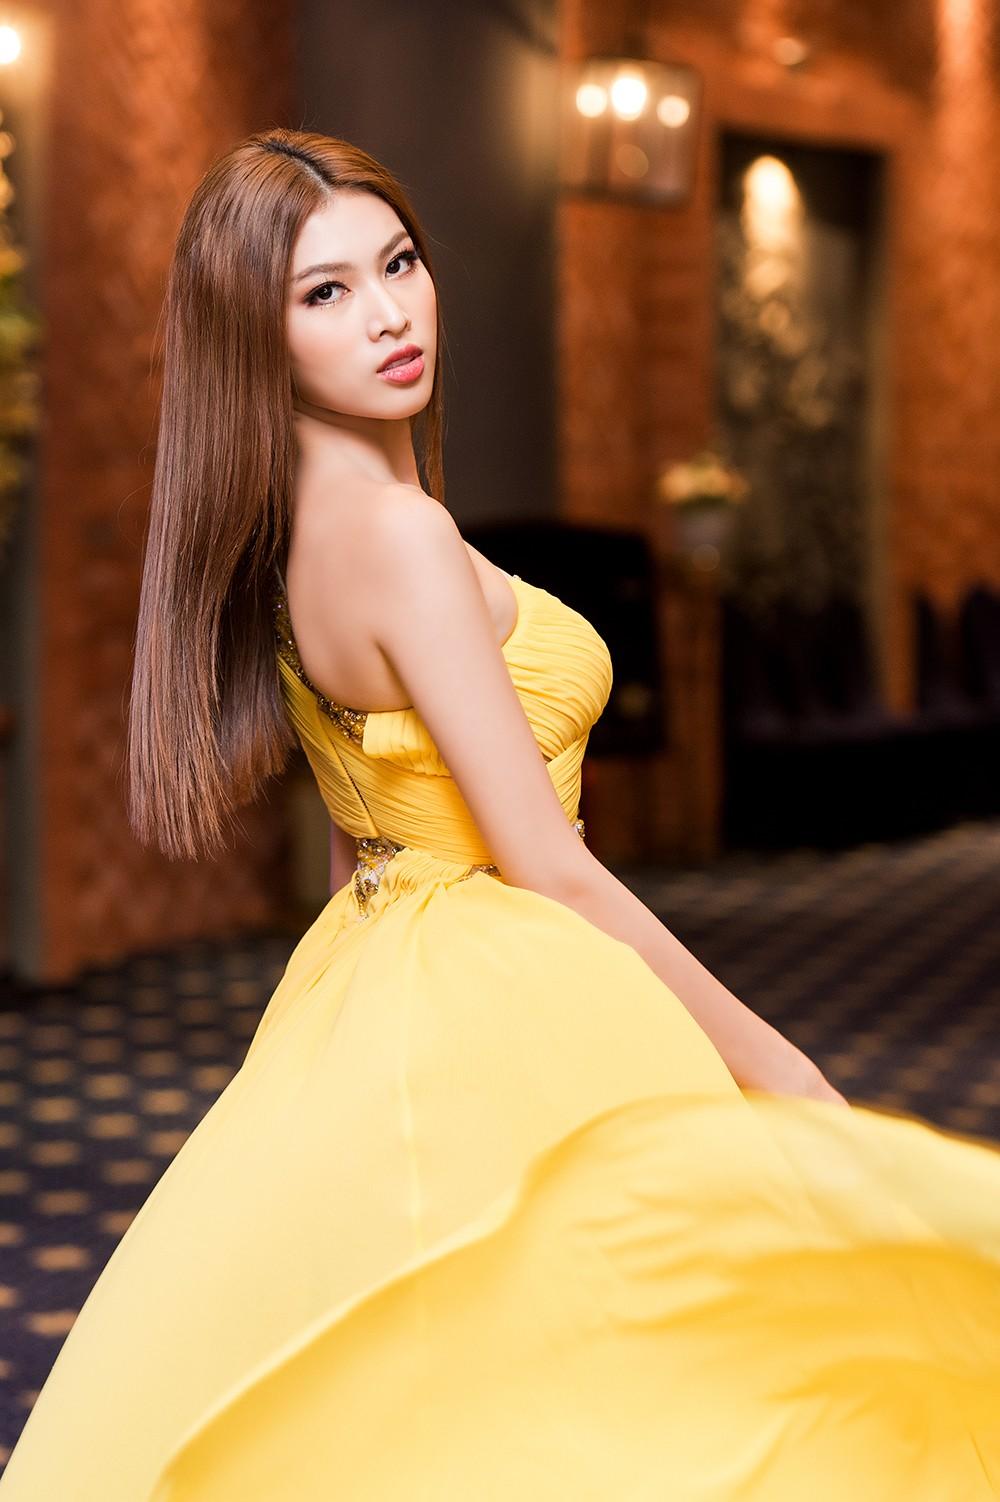 Á hậu Ngọc Thảo diện váy vàng rực khoe chân dài 1m11 cùng trình catwalk 'đỉnh cao' ảnh 6